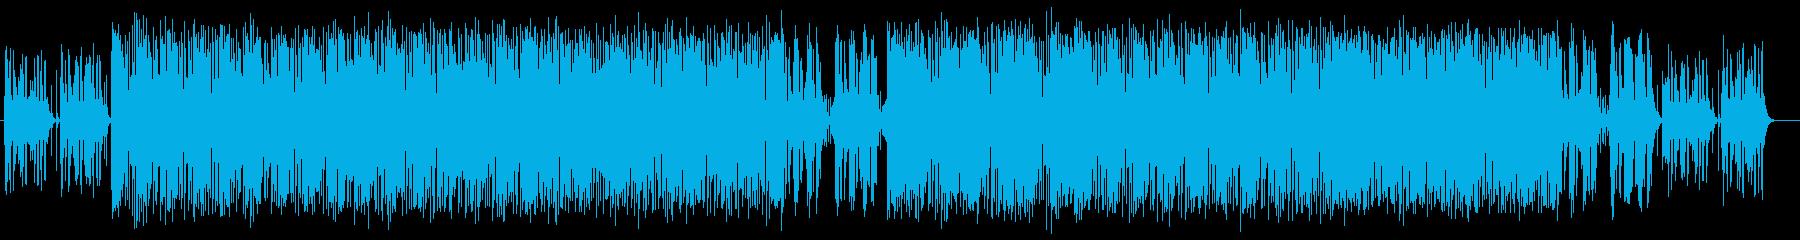 ポップで明るい可愛らしいミュージックの再生済みの波形